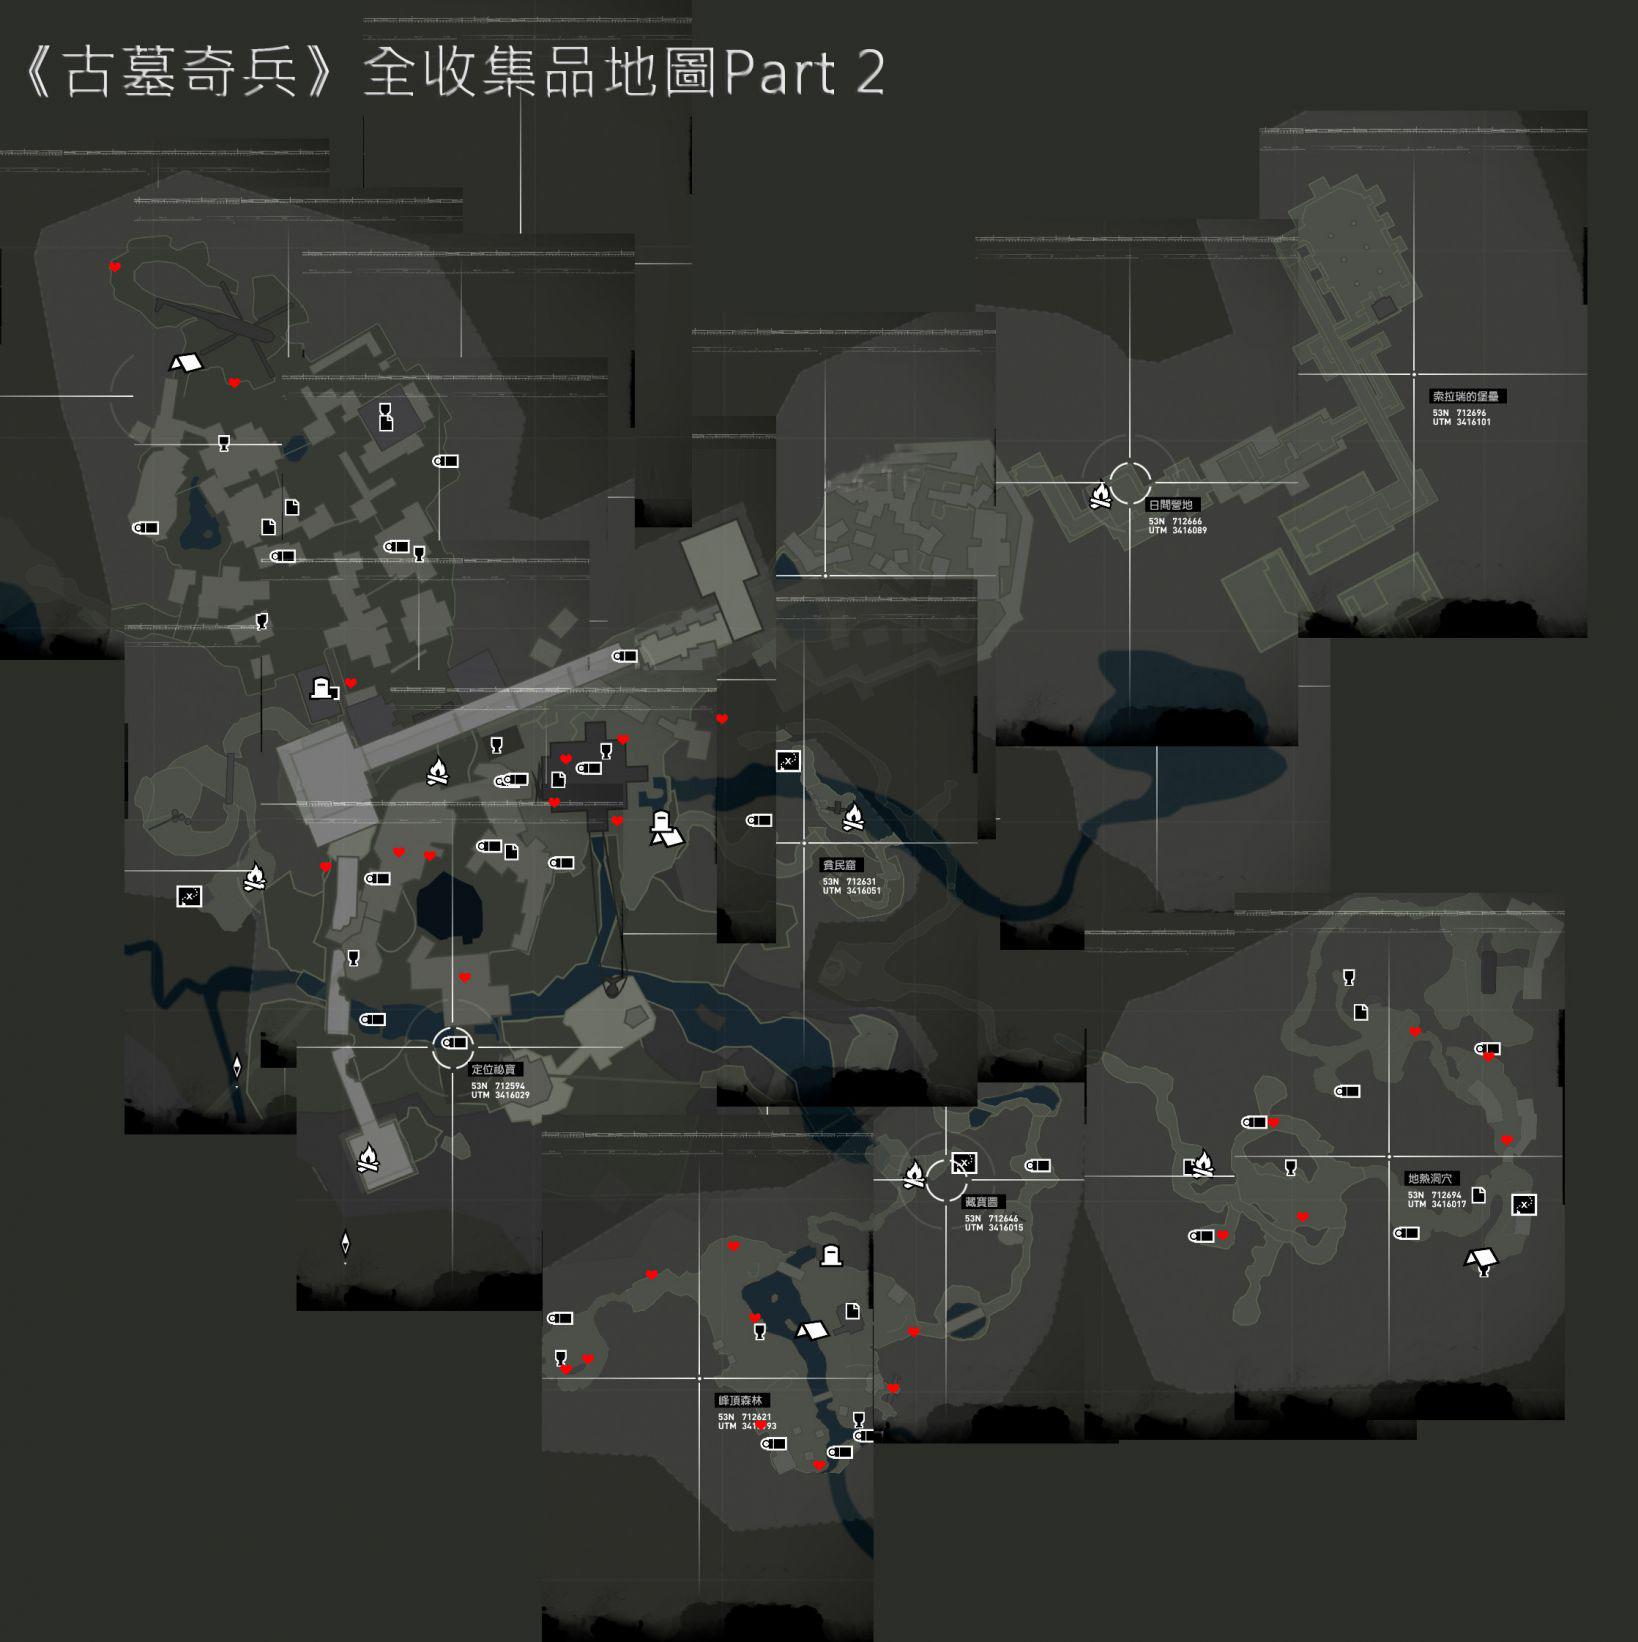 古墓丽影9全收集品自制地图一览急促的攻略足音图片